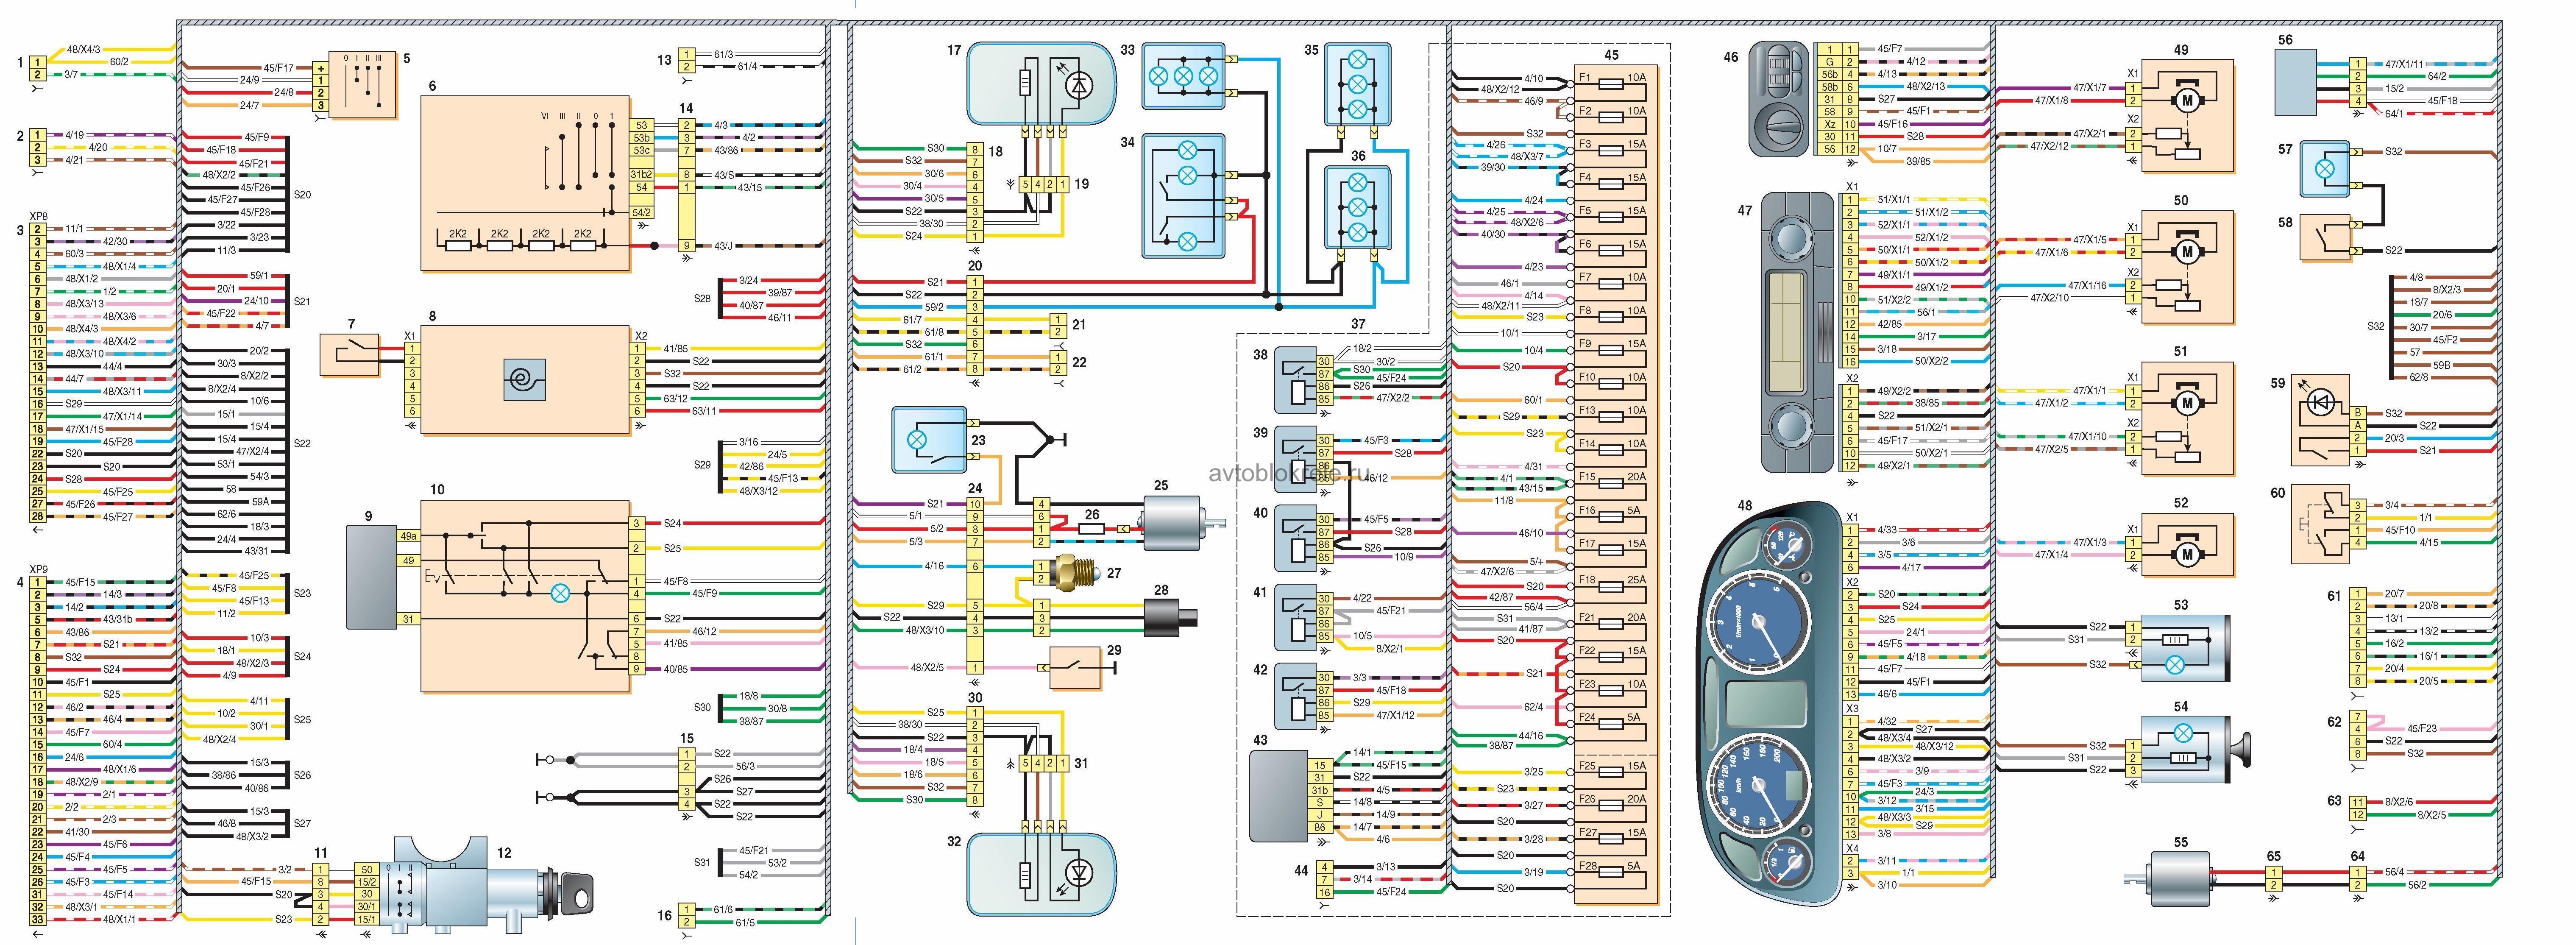 Схема электропроводки газель бизнес 4216 евро 4